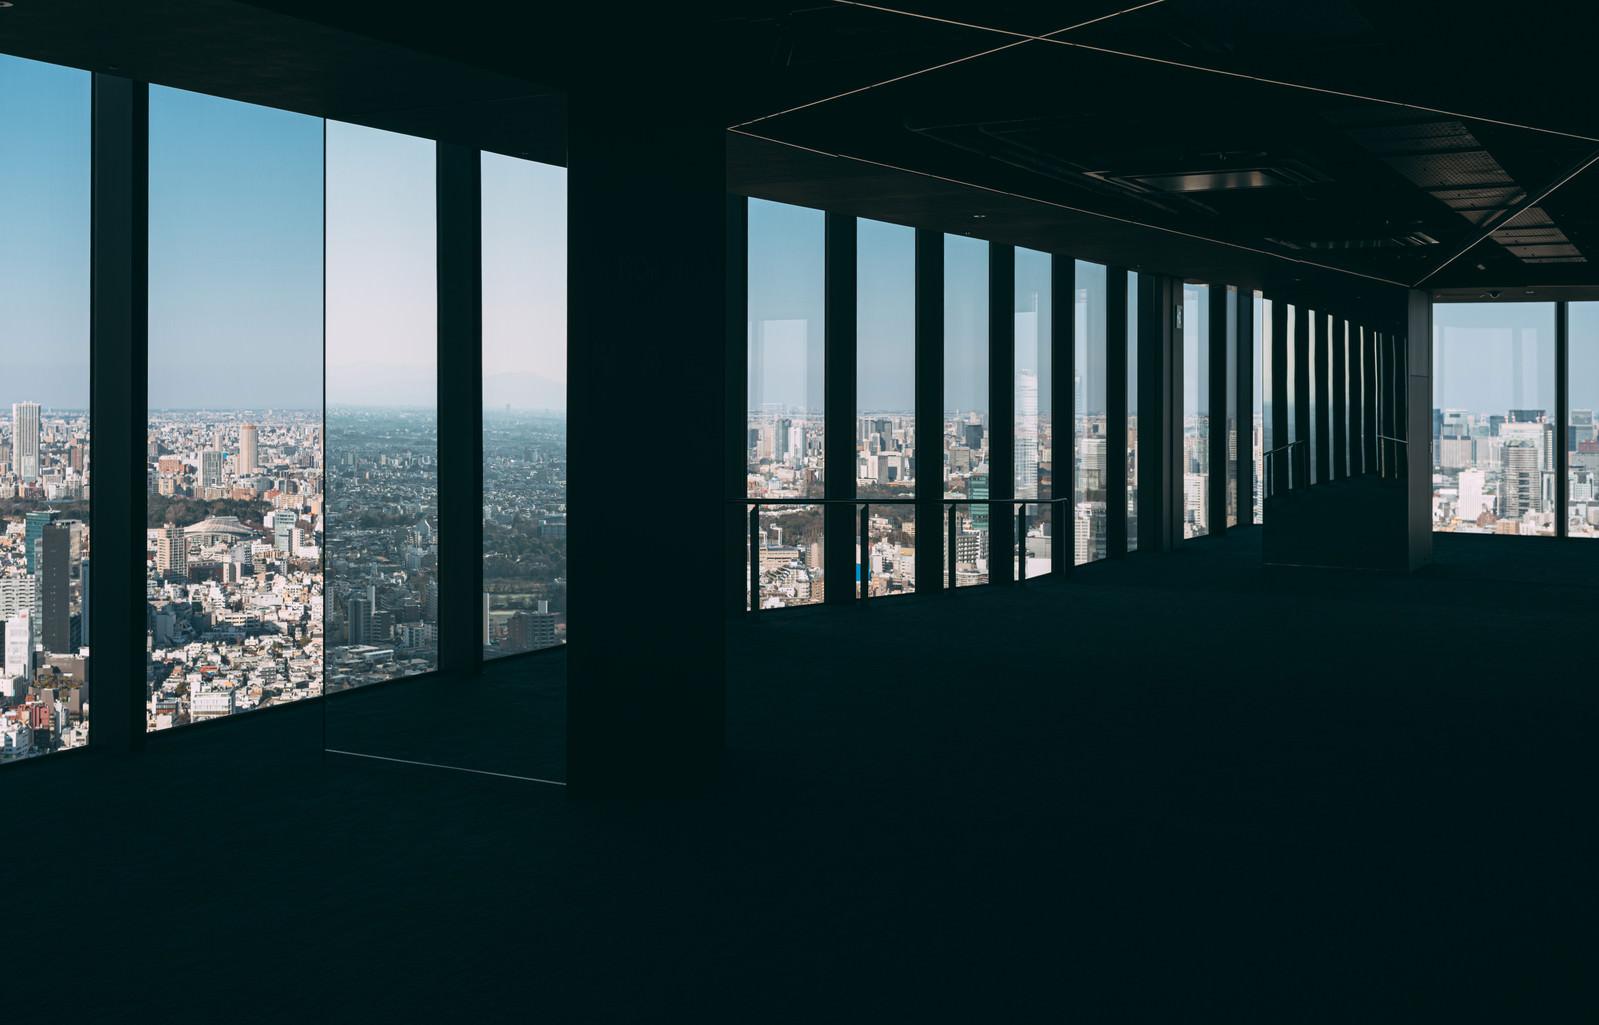 「渋谷スカイのフロアから見える都市」の写真